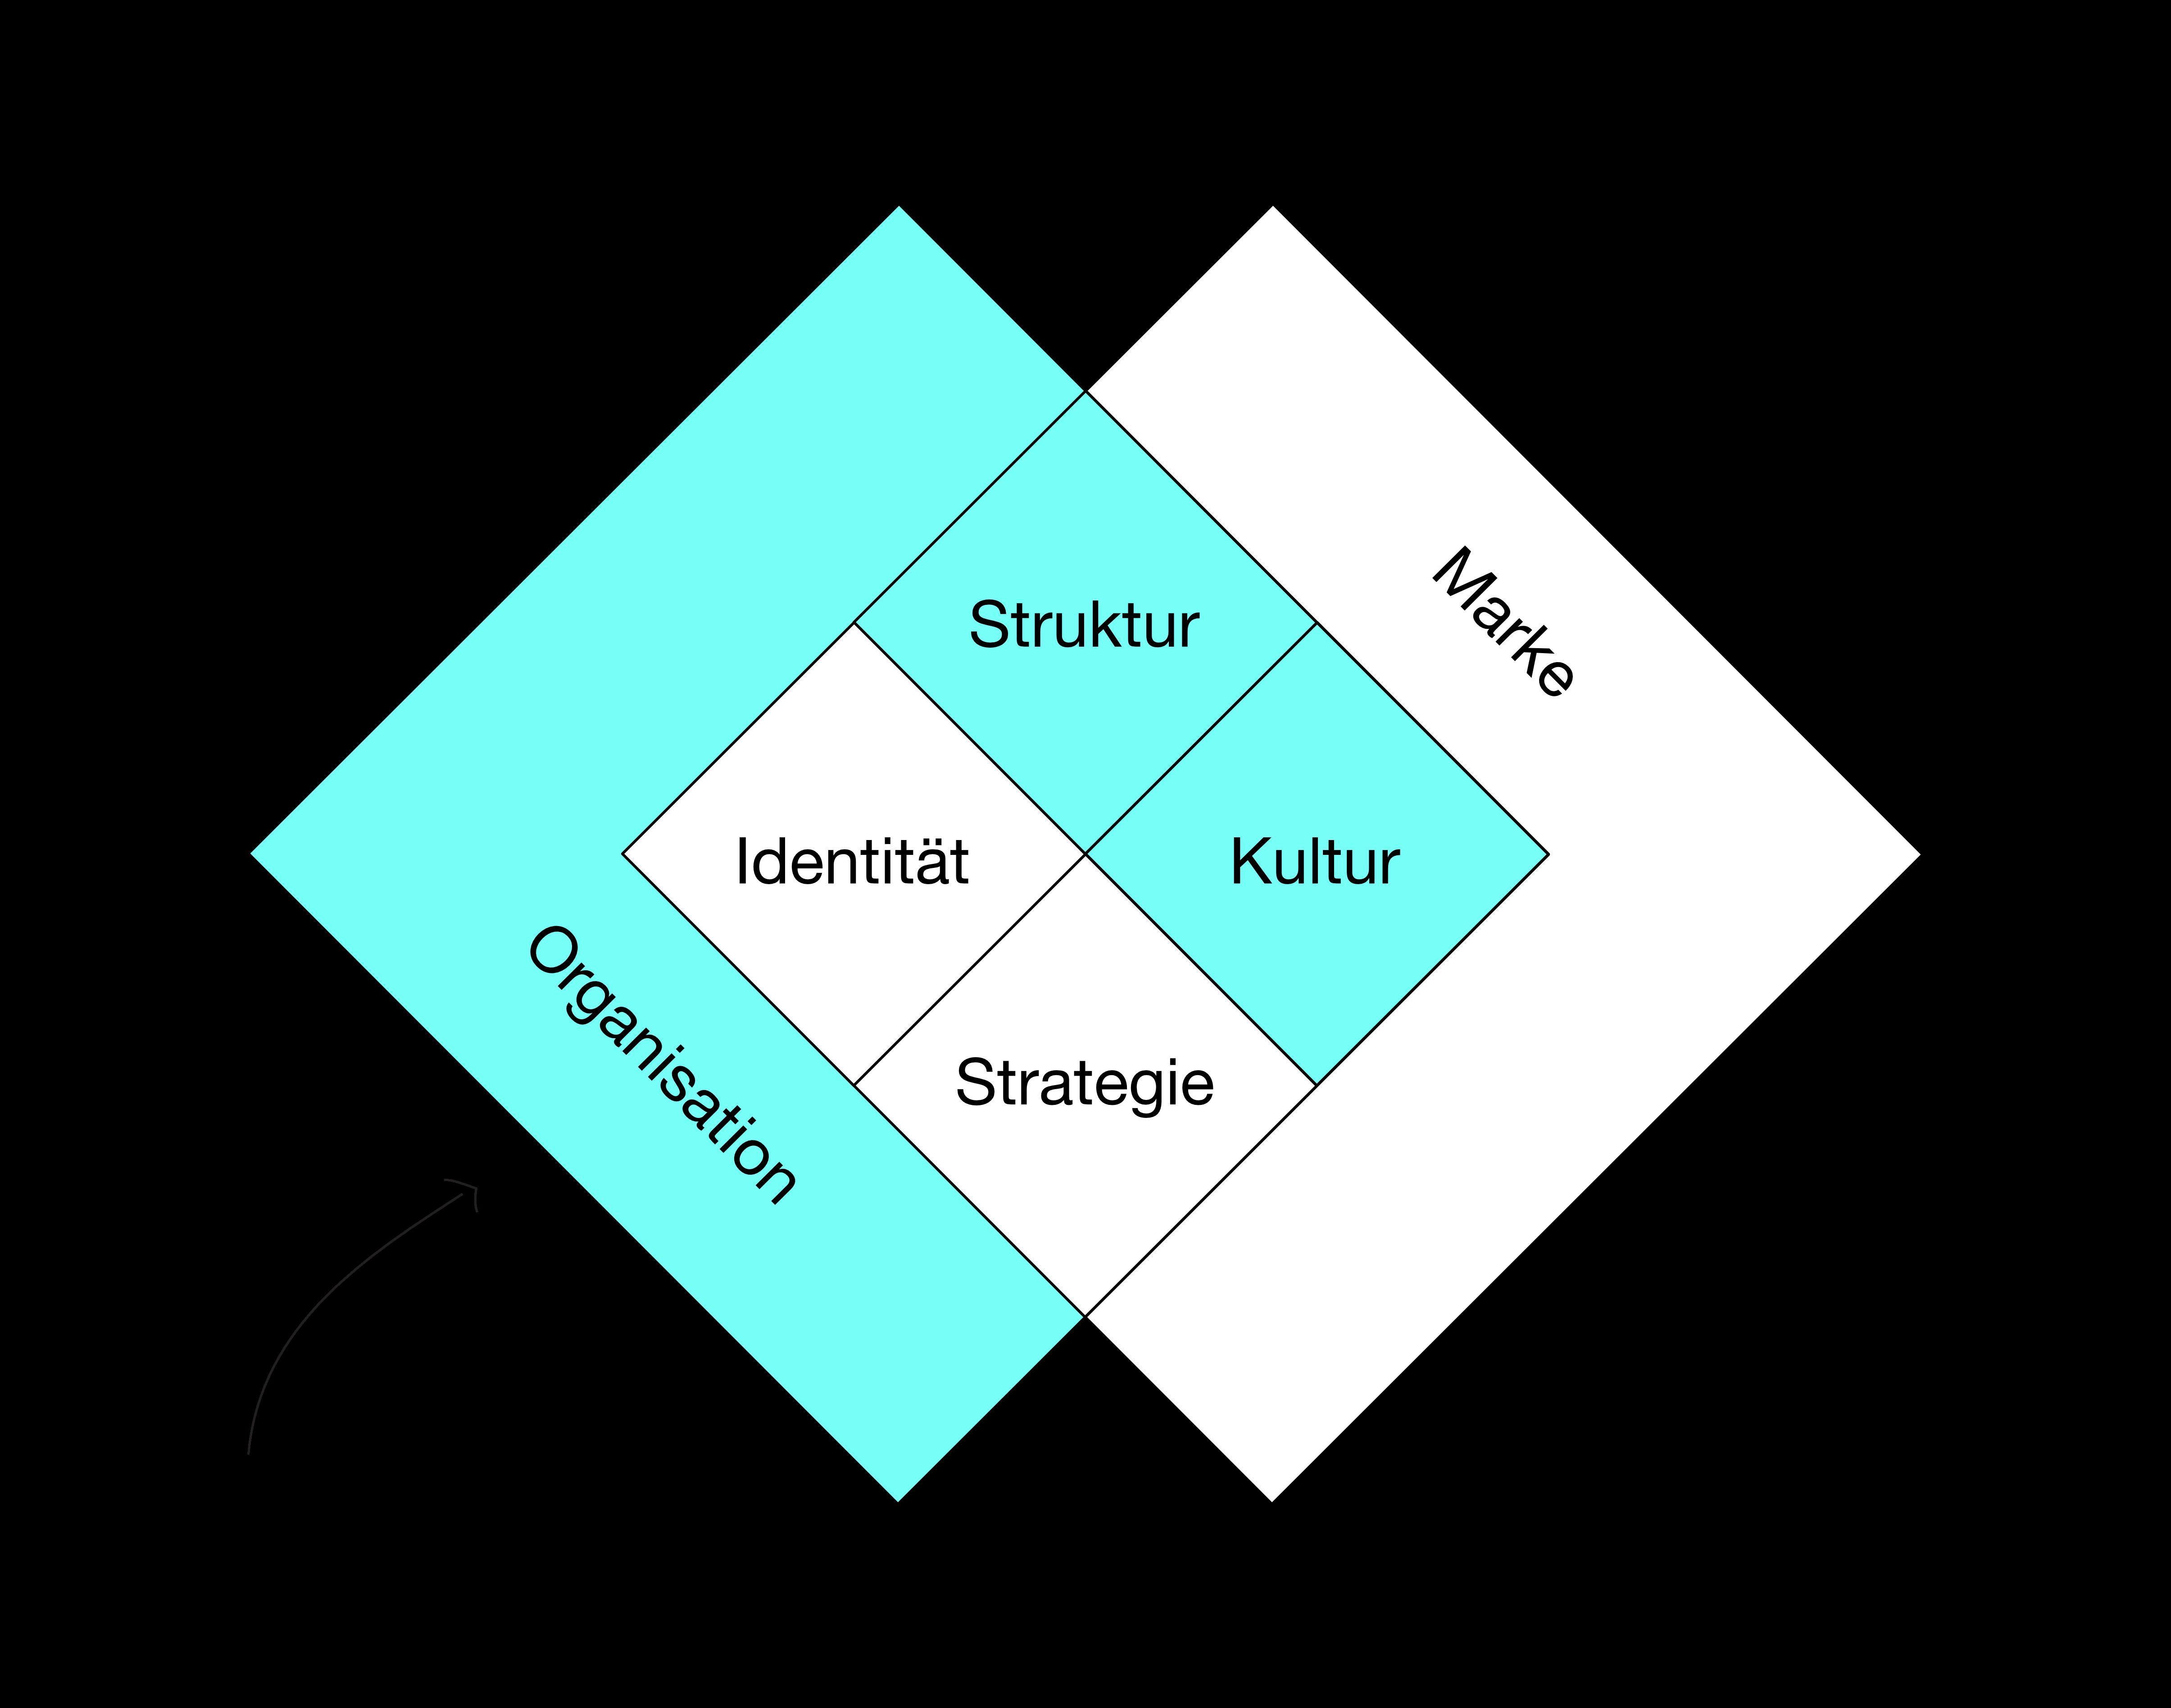 Organisationsberatung Modell schwarz